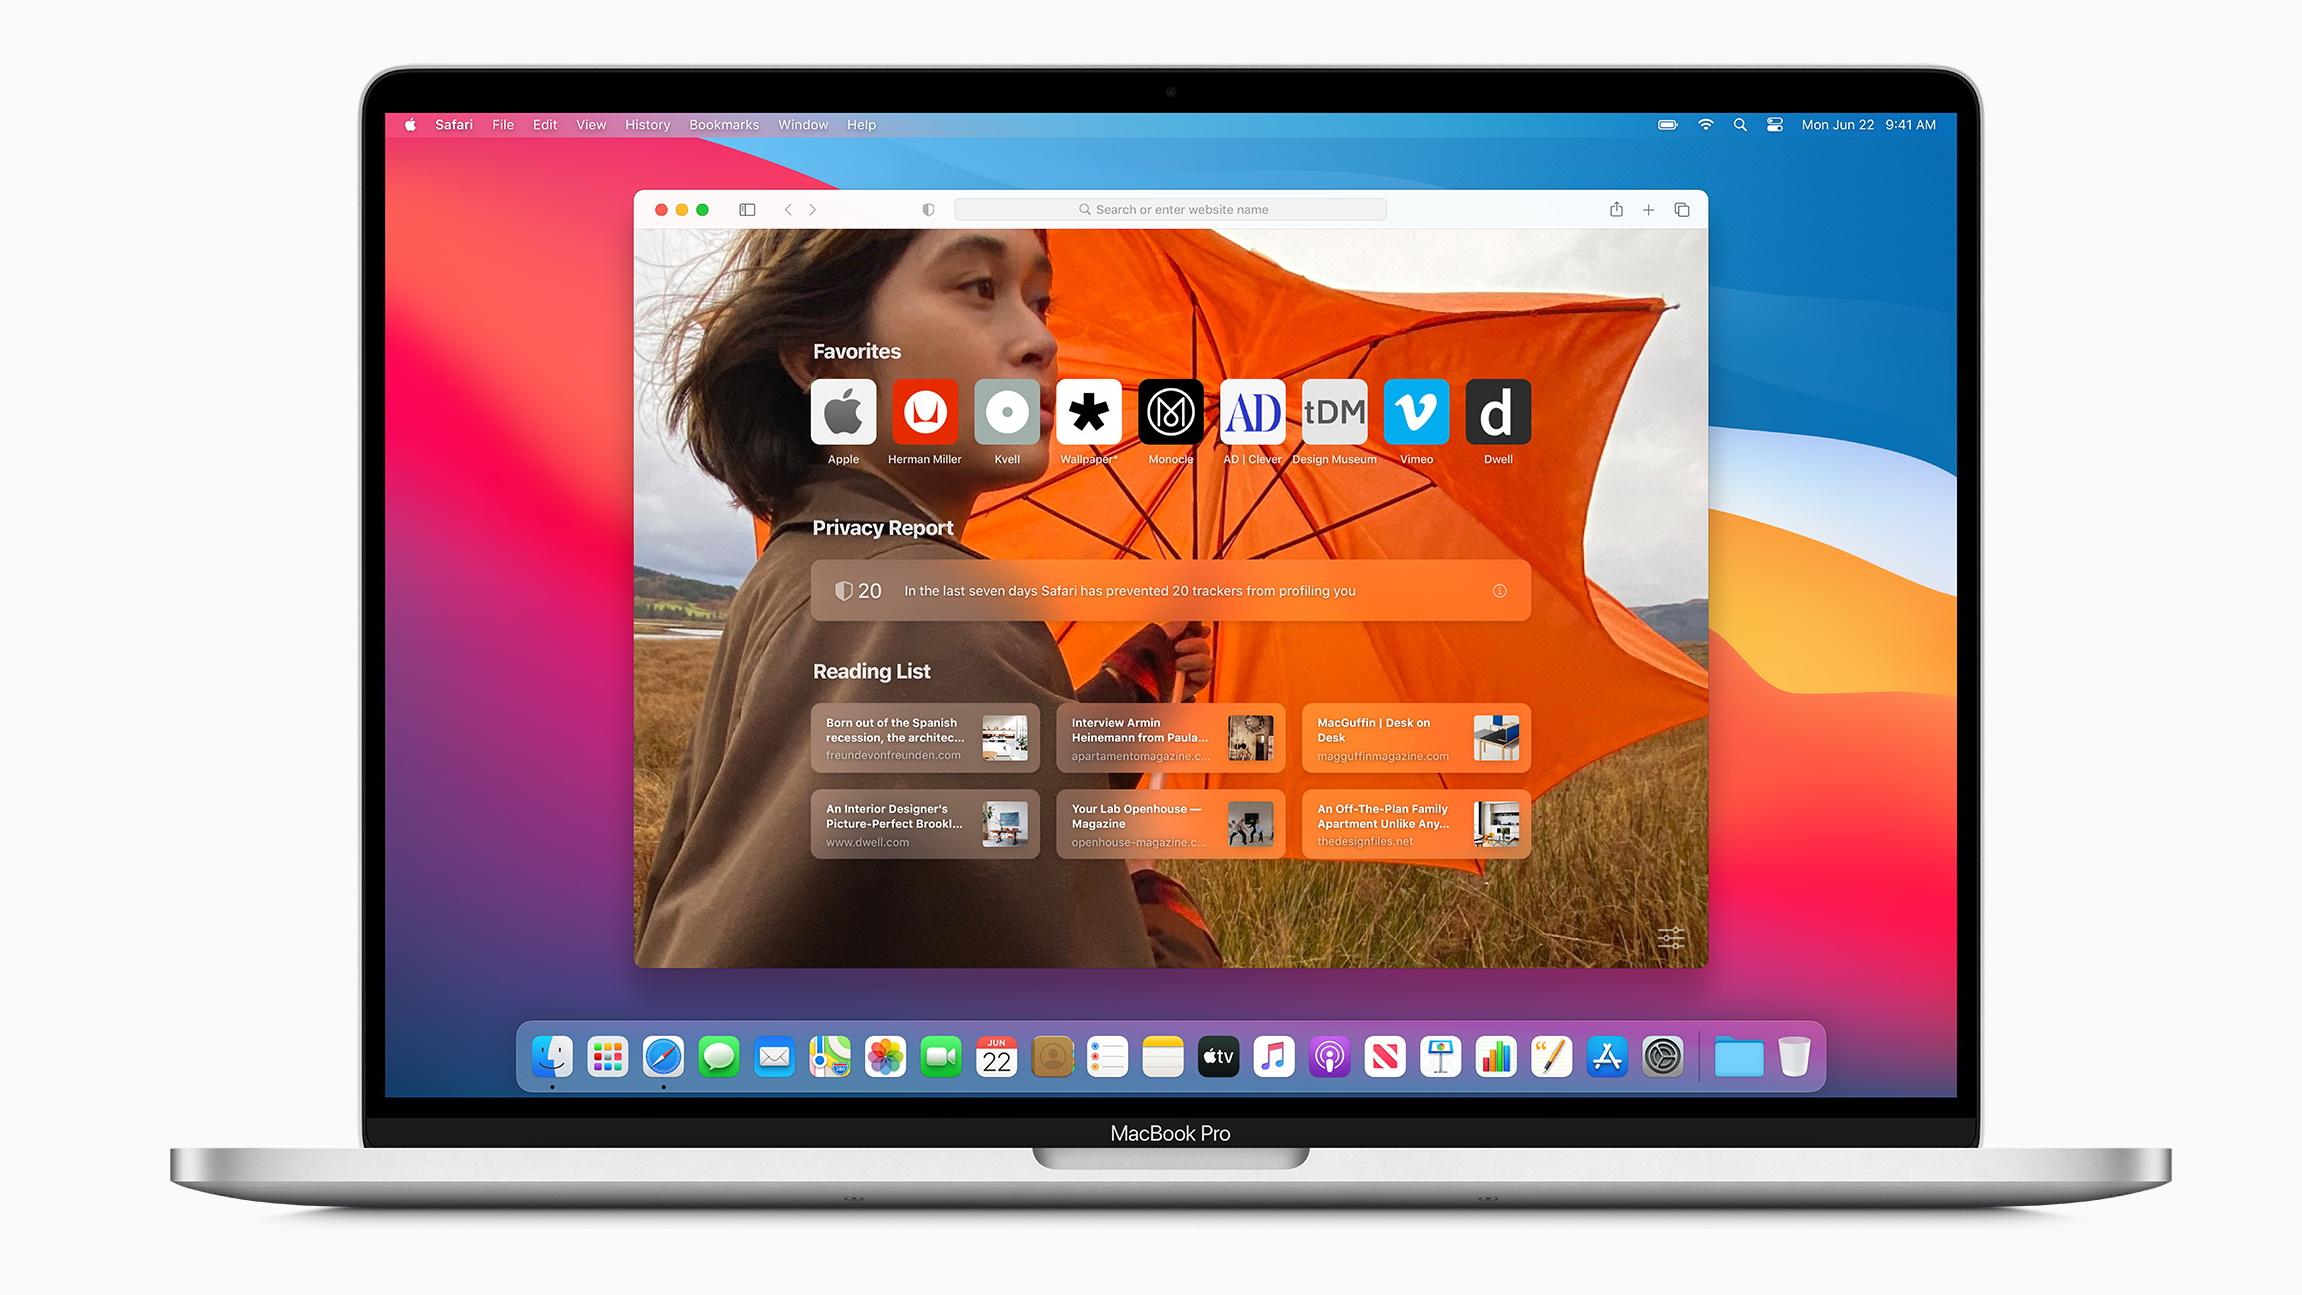 Apple Macos Big Sur Beta 10